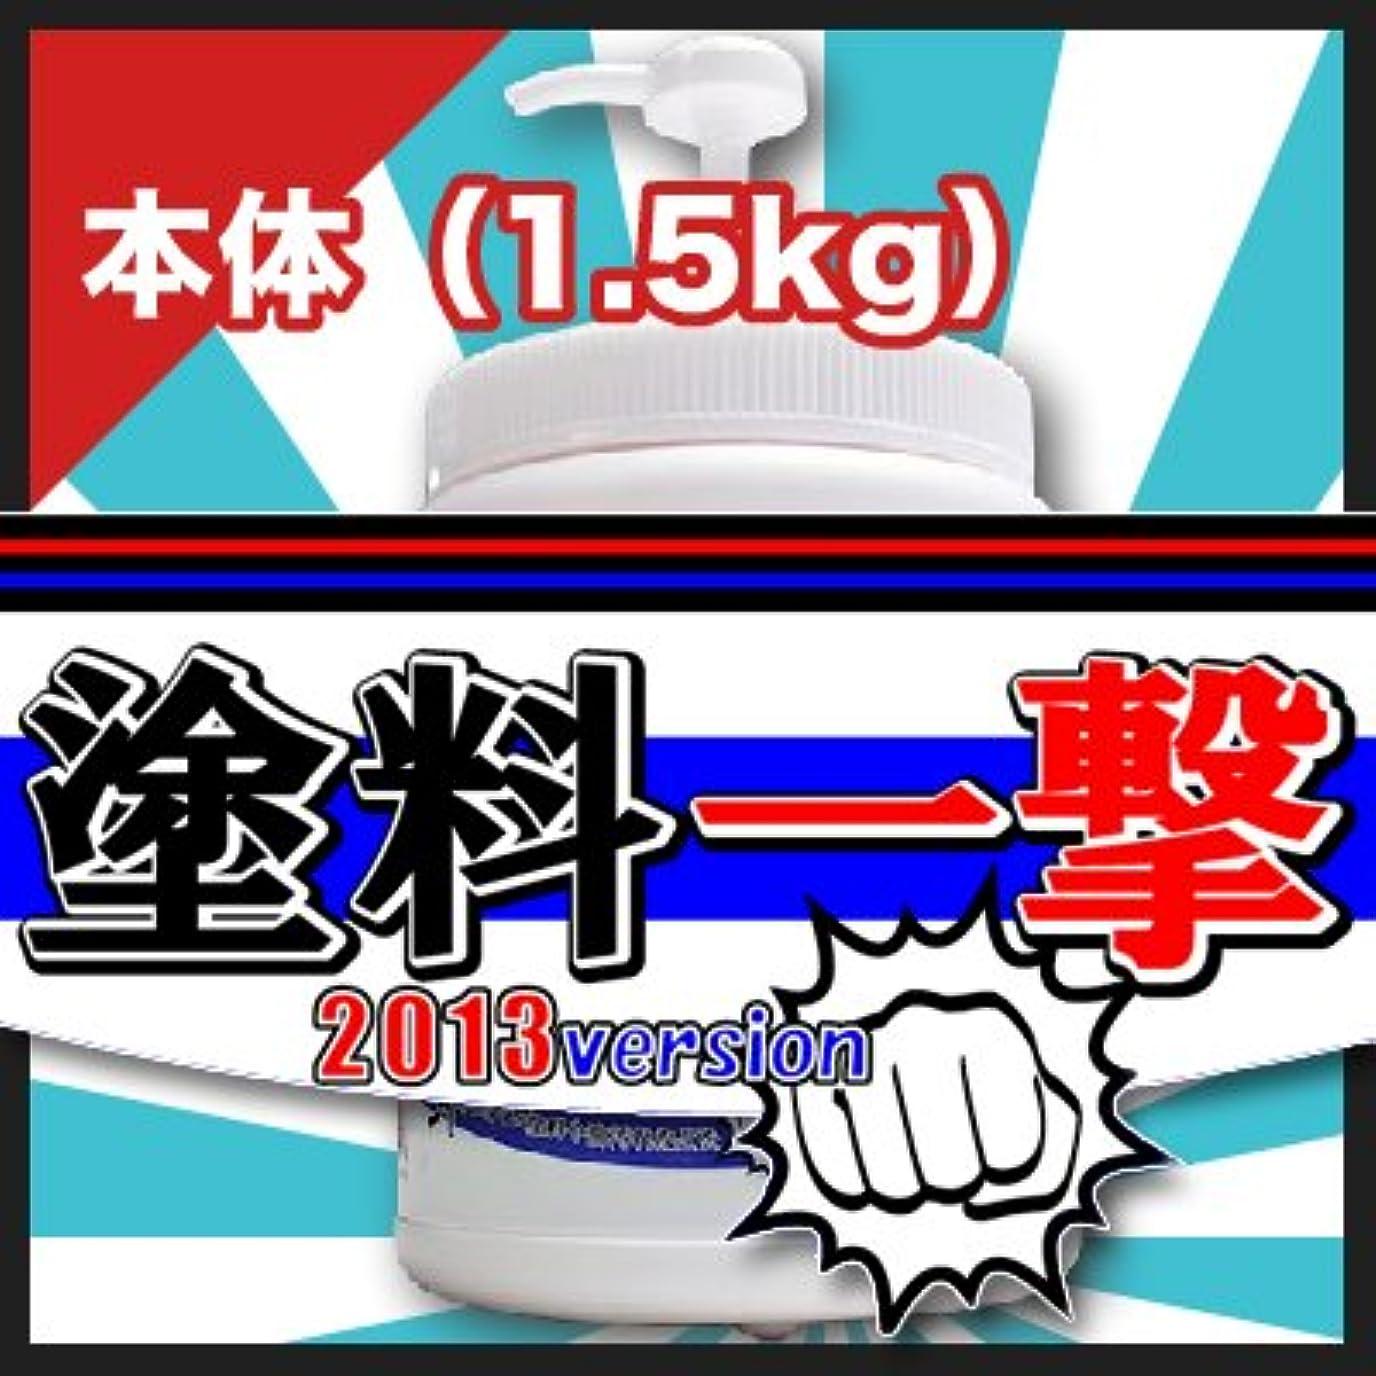 人類矛盾読書をするD.Iプランニング 塗料一撃 2013 Version 本体 (1.5kg)